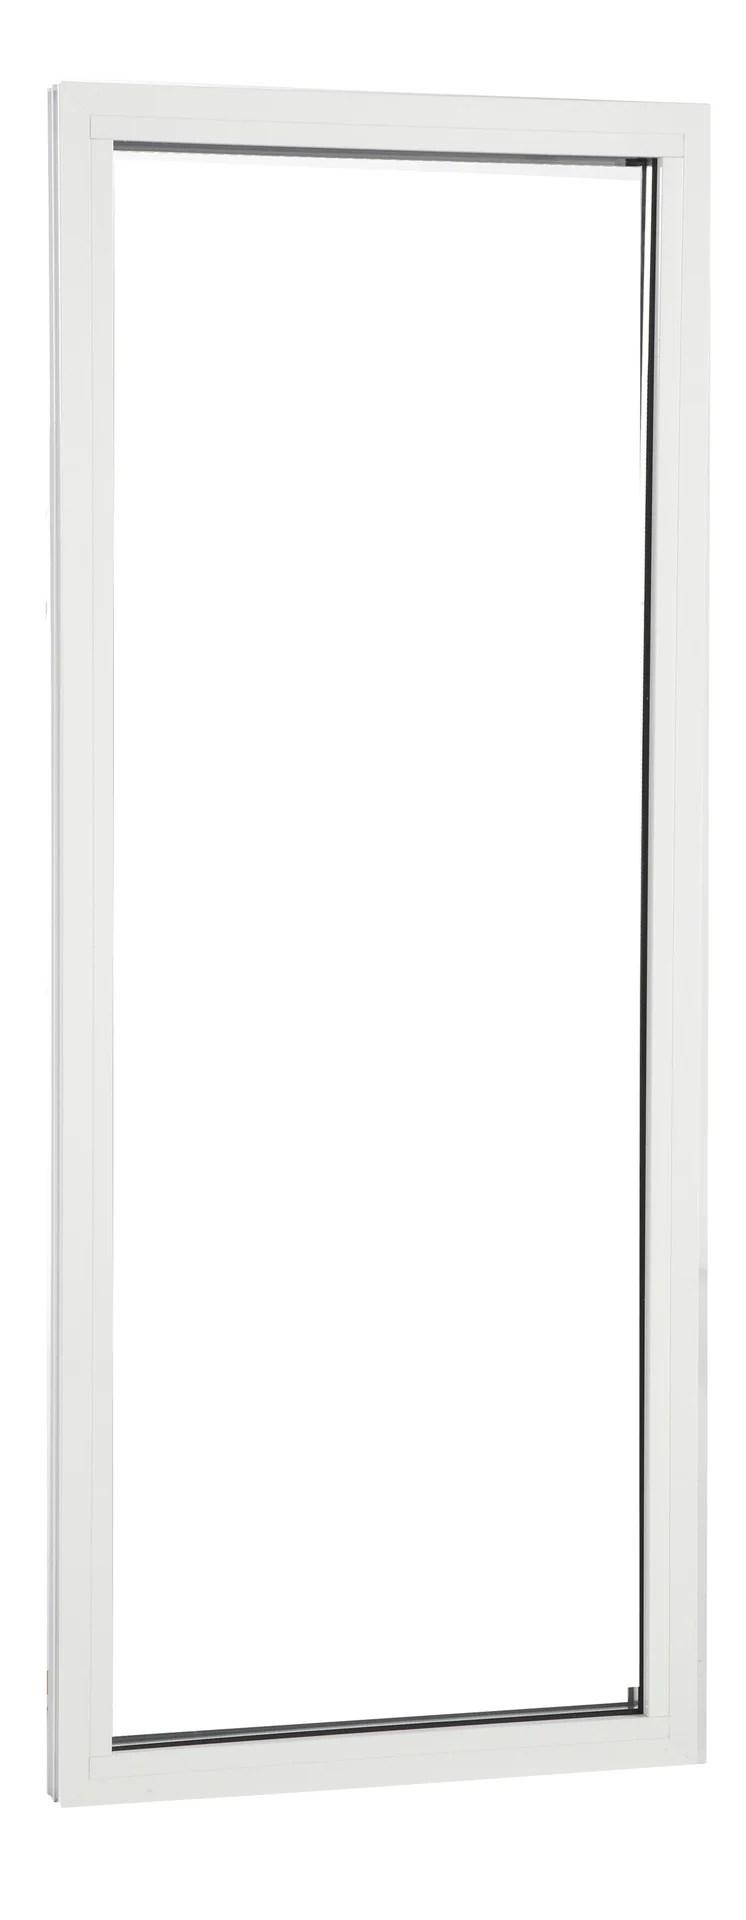 fenetre fixe aluminium 60x150 cm blanc fixe sans ouverture